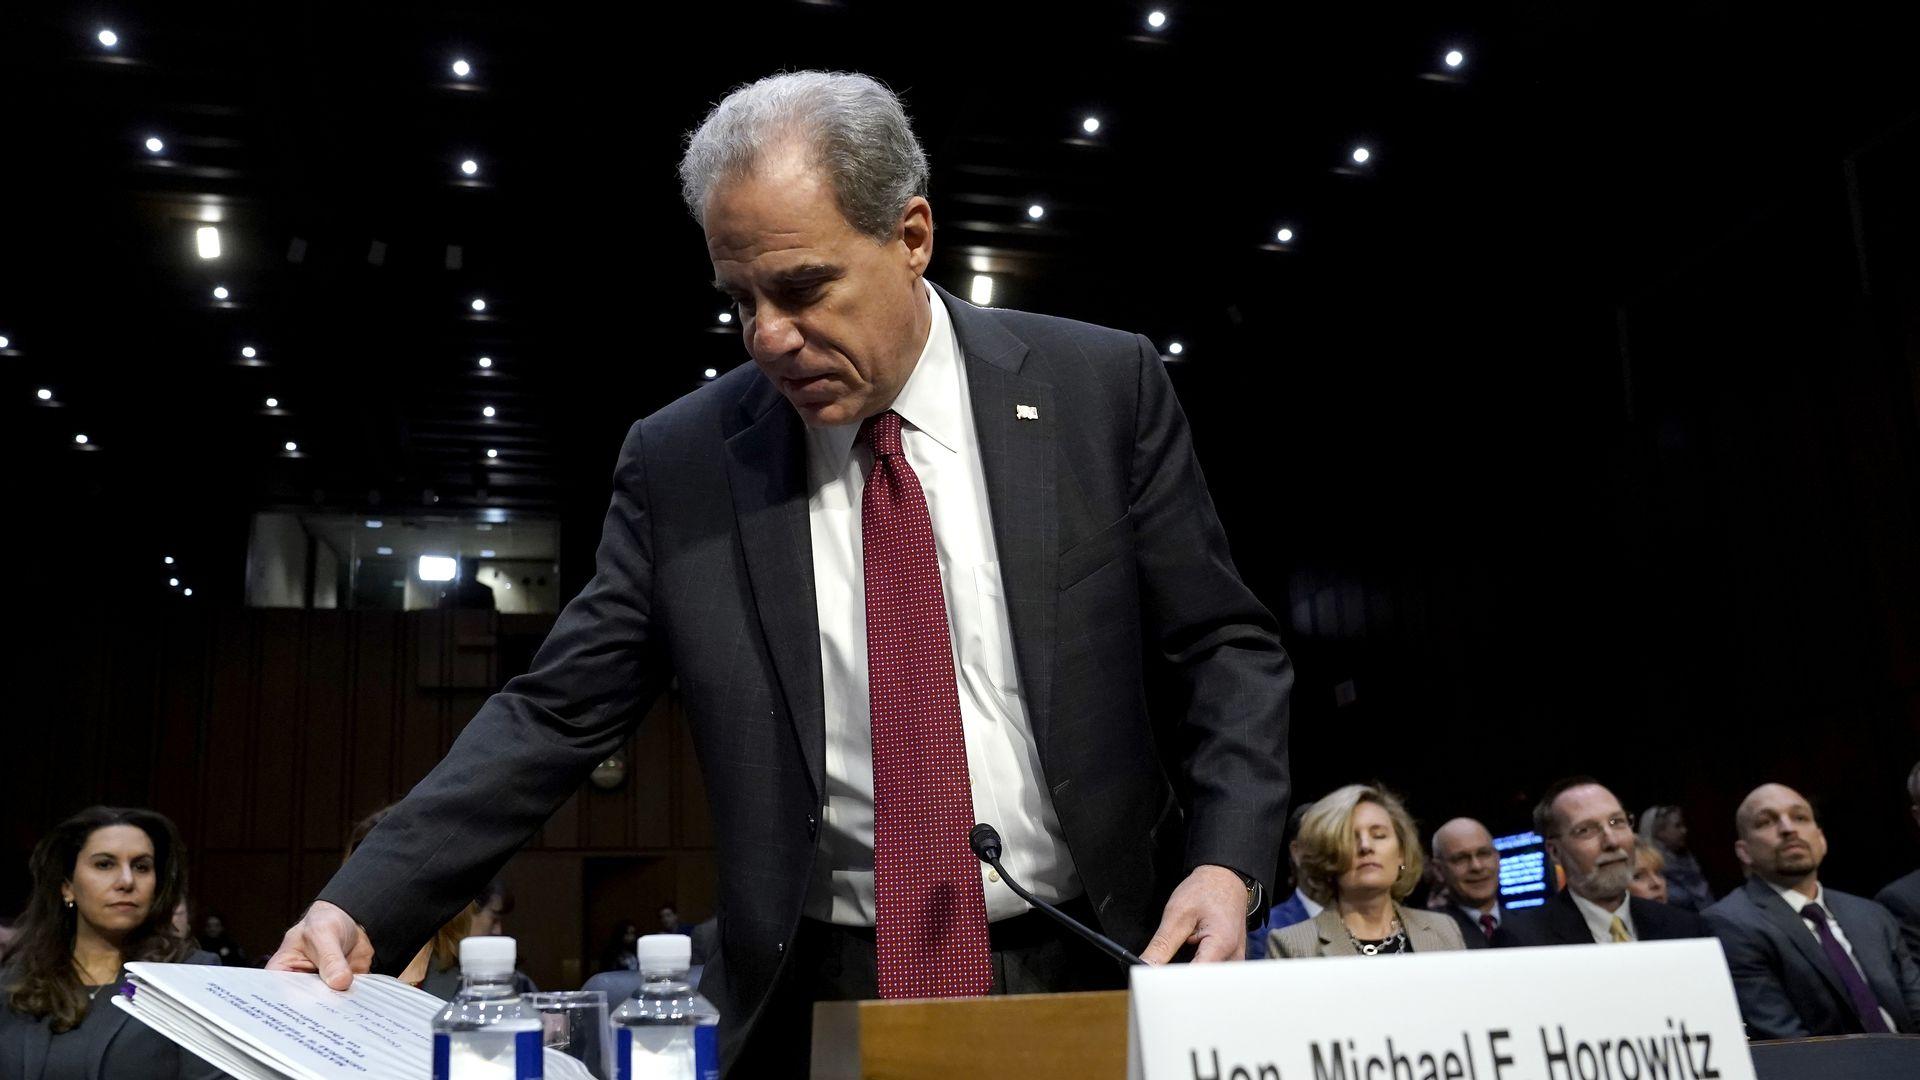 Michael Horowitz